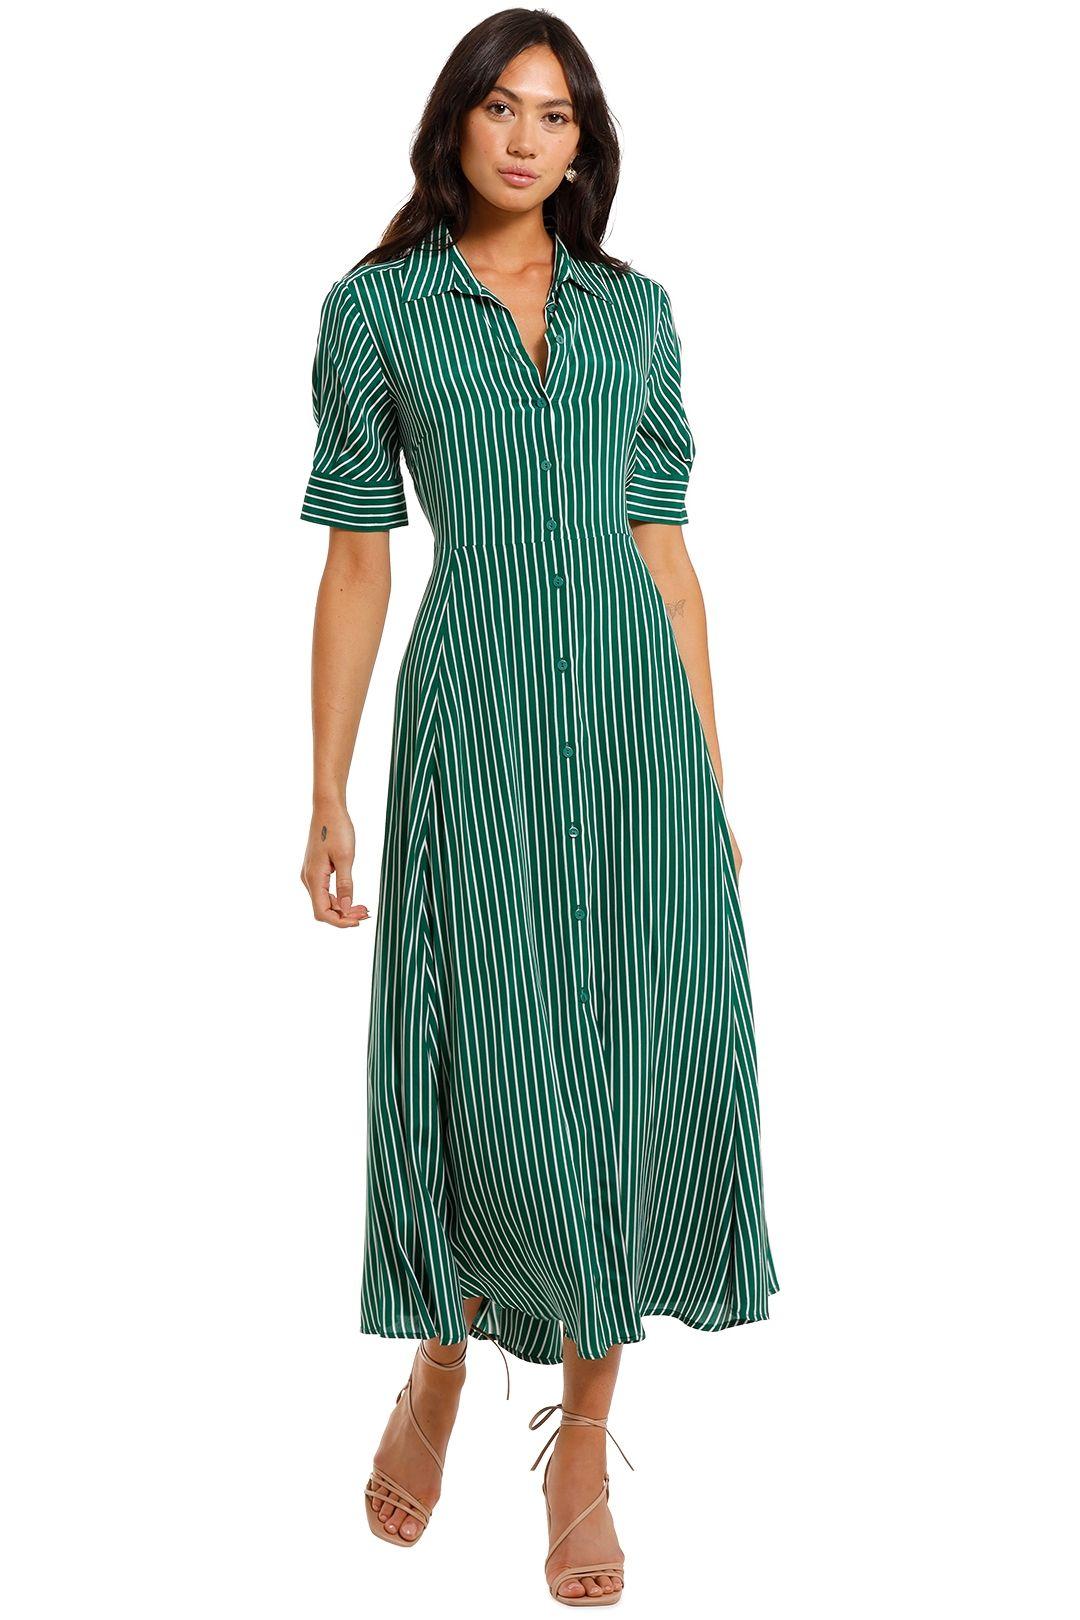 Kate Sylvester Freya Shirtdress Green